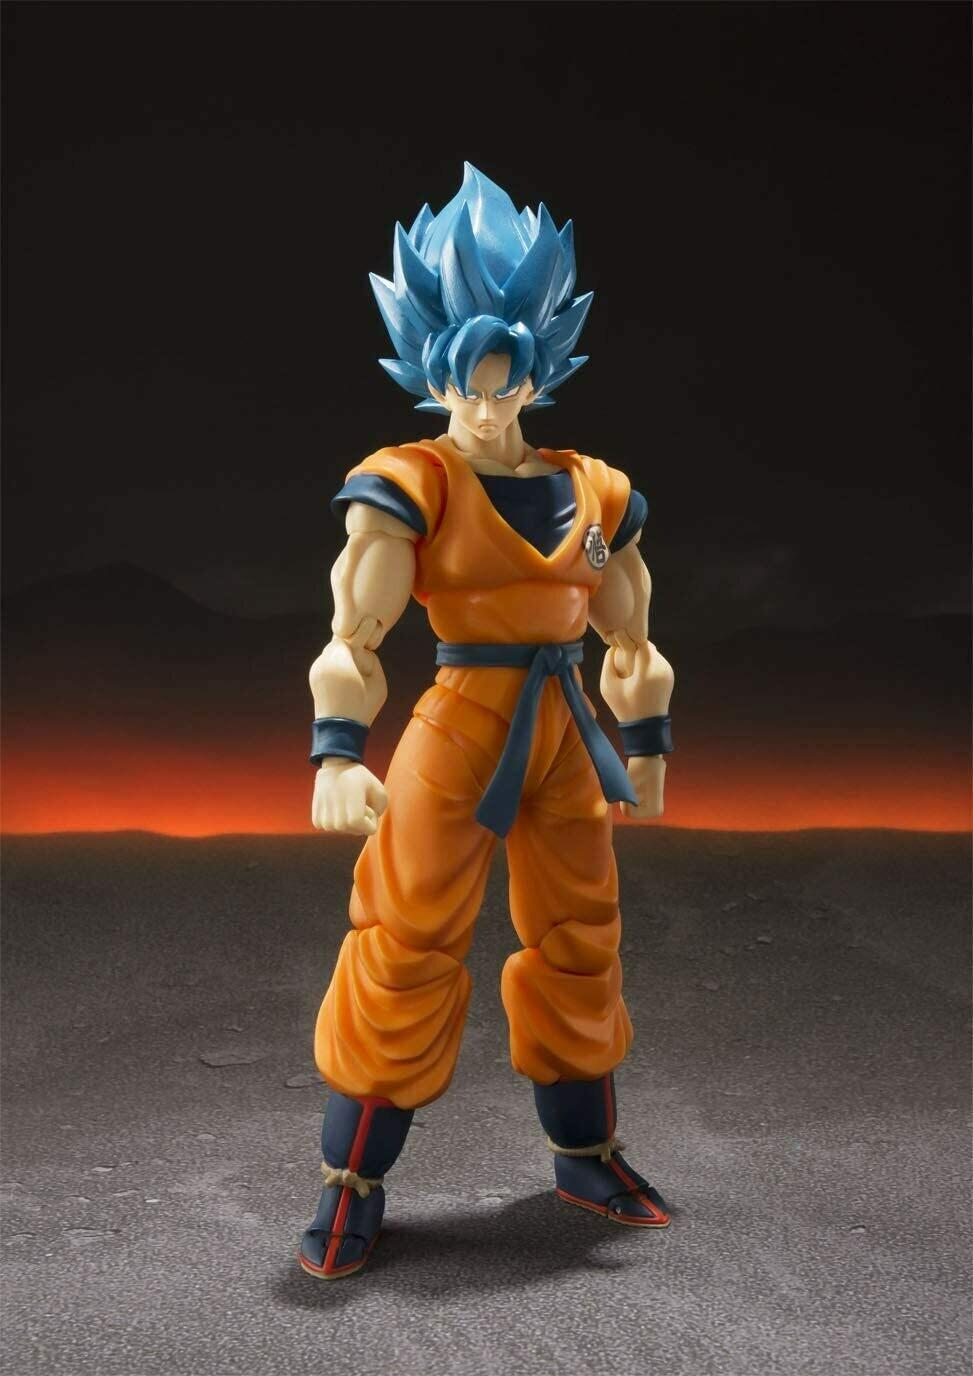 Dragon Ball Super: Super Saiyan God Super Saiyan Goku, S.H. Figuarts